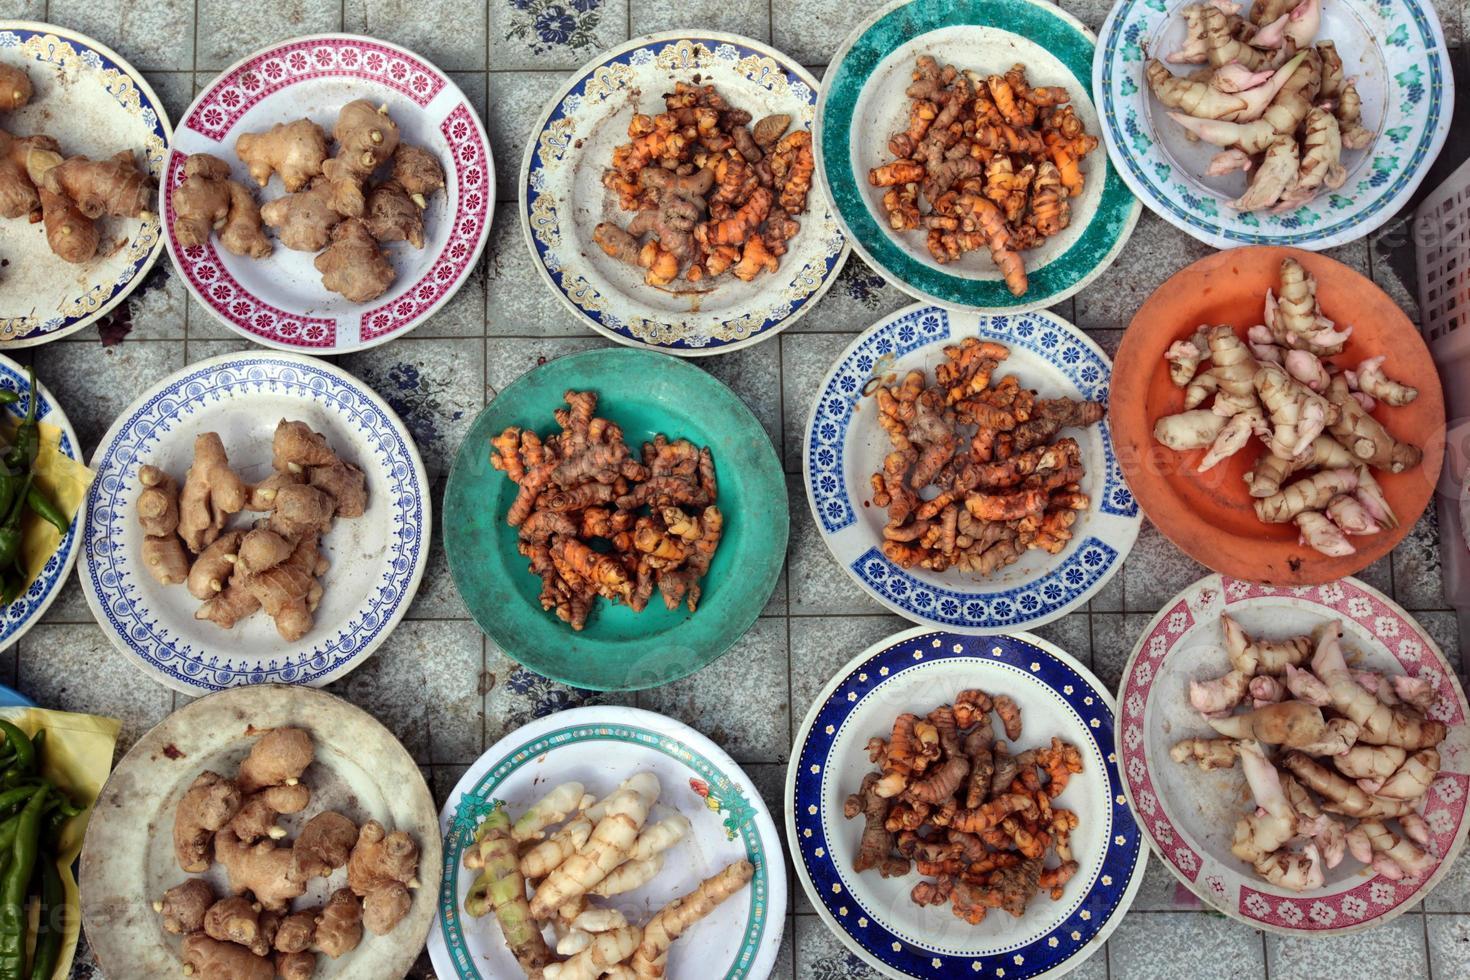 ásia brunei mercado alimentos especiarias foto